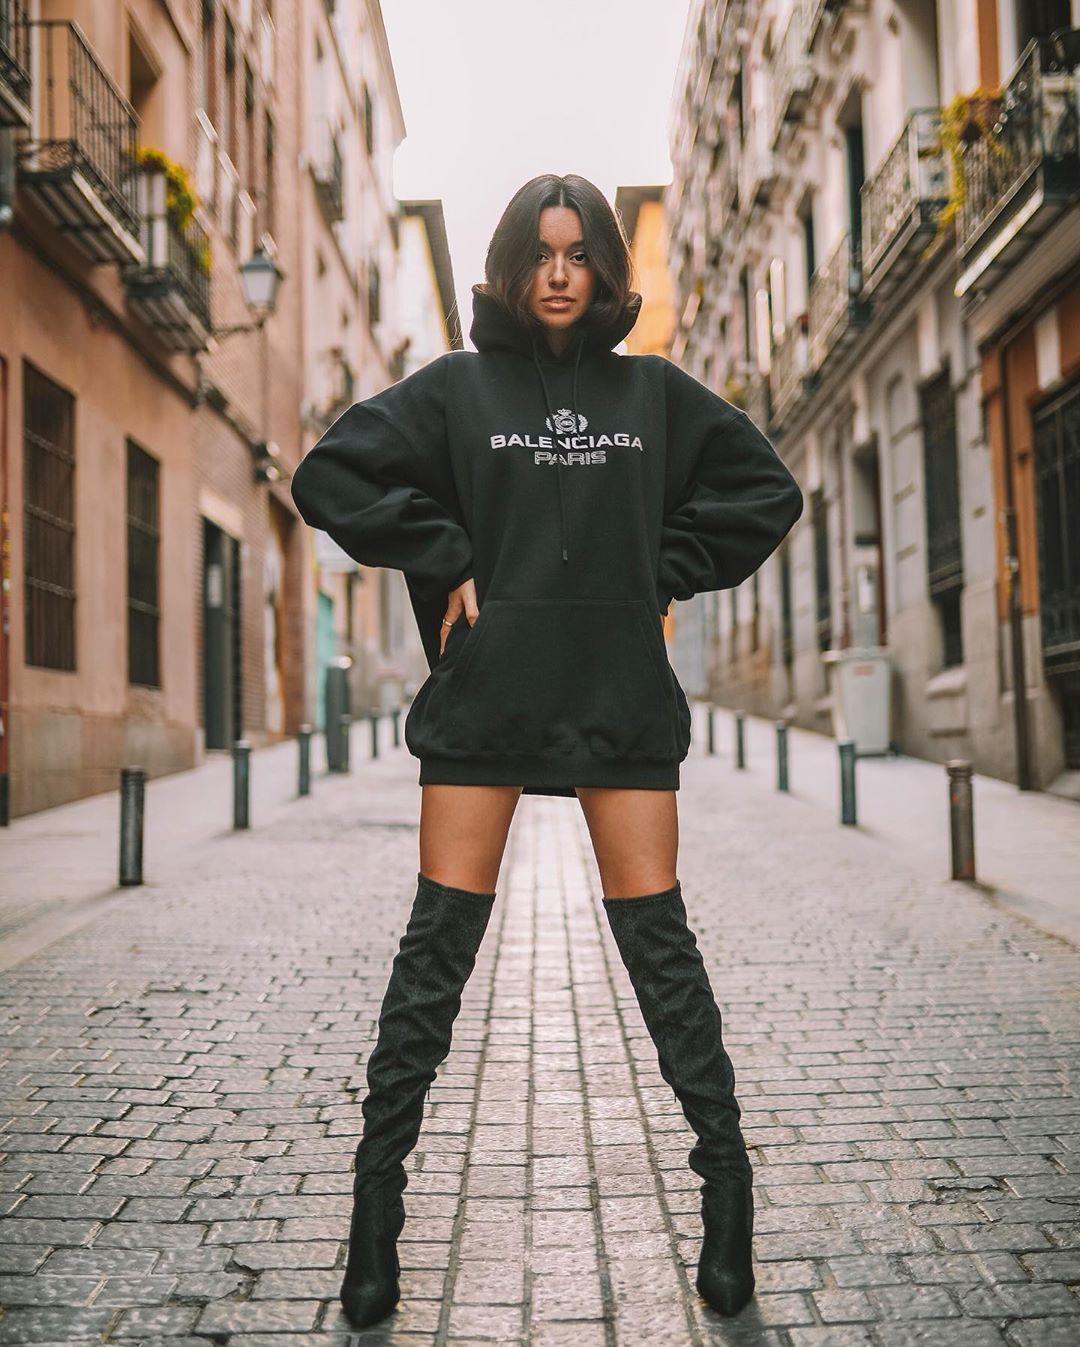 Marta Diaz không chỉ xinh đẹp, cô còn là một youtuber nổi tiếng hình ảnh